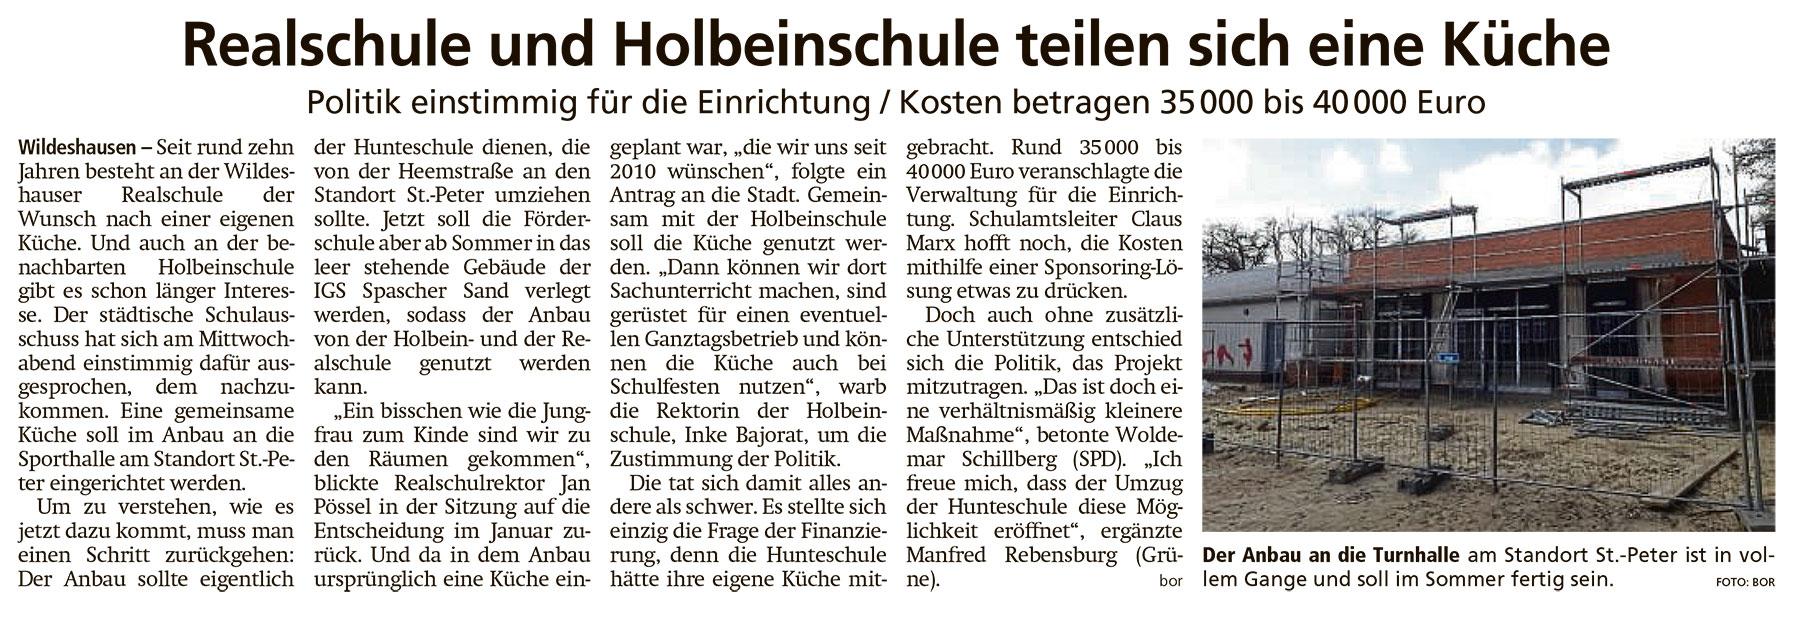 Realschule und Holbeinschule teilen sich eine KüchePolitik einstimmig für die Einrichtung / Kosten betragen 35 000 bis 40 000 EuroArtikel vom 23.04.2021 (WZ)